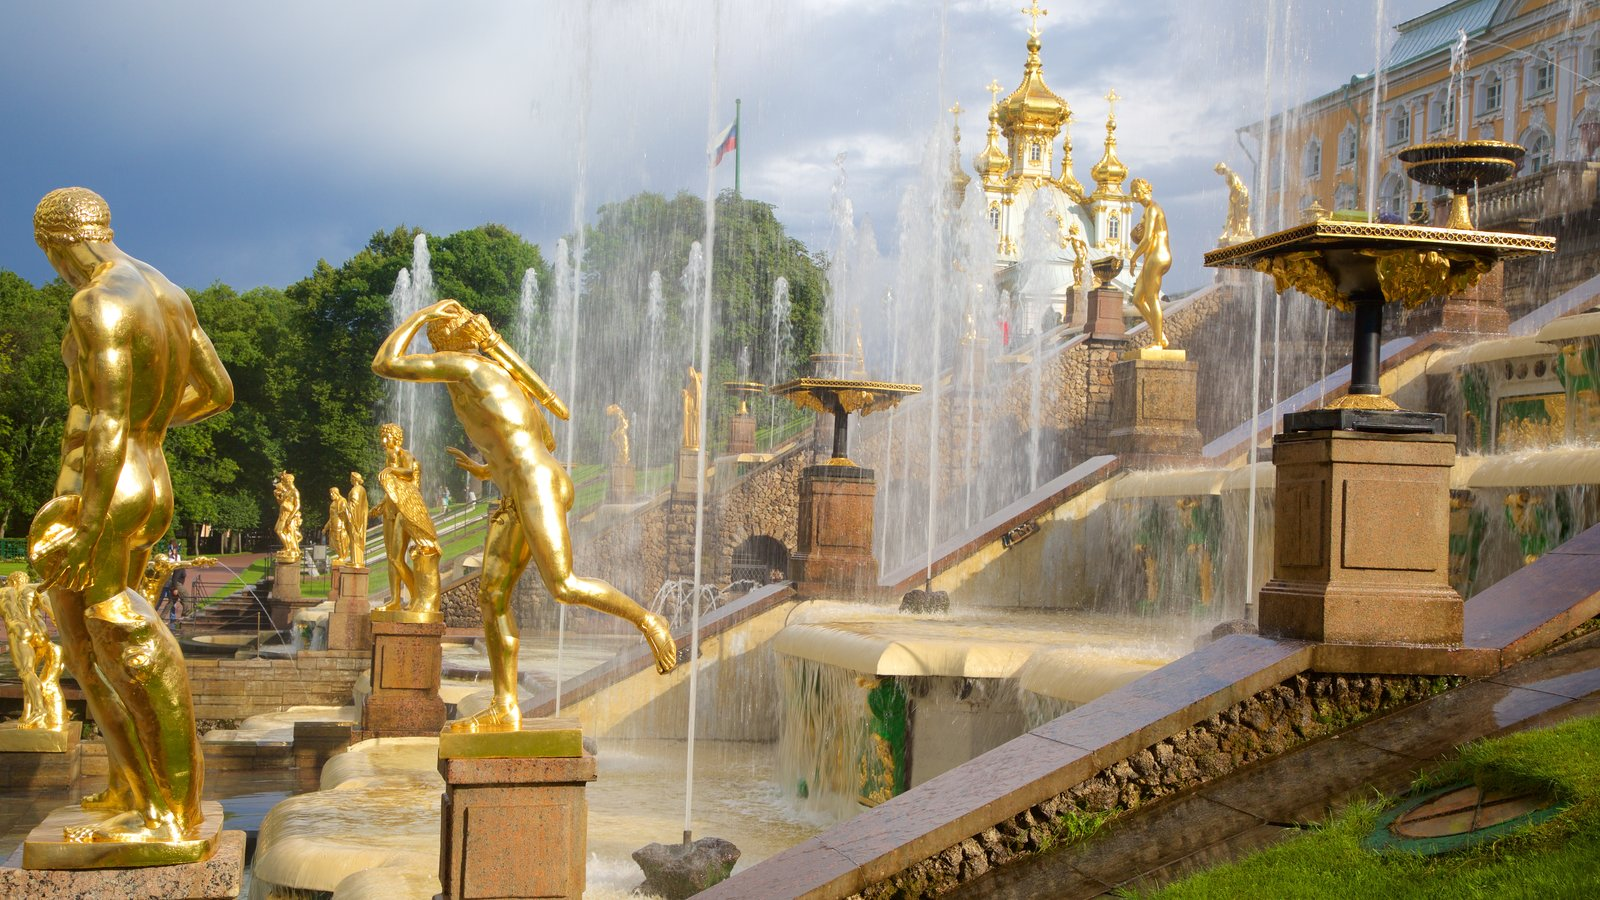 Palácio e Jardins Peterhof mostrando arquitetura de patrimônio e uma fonte